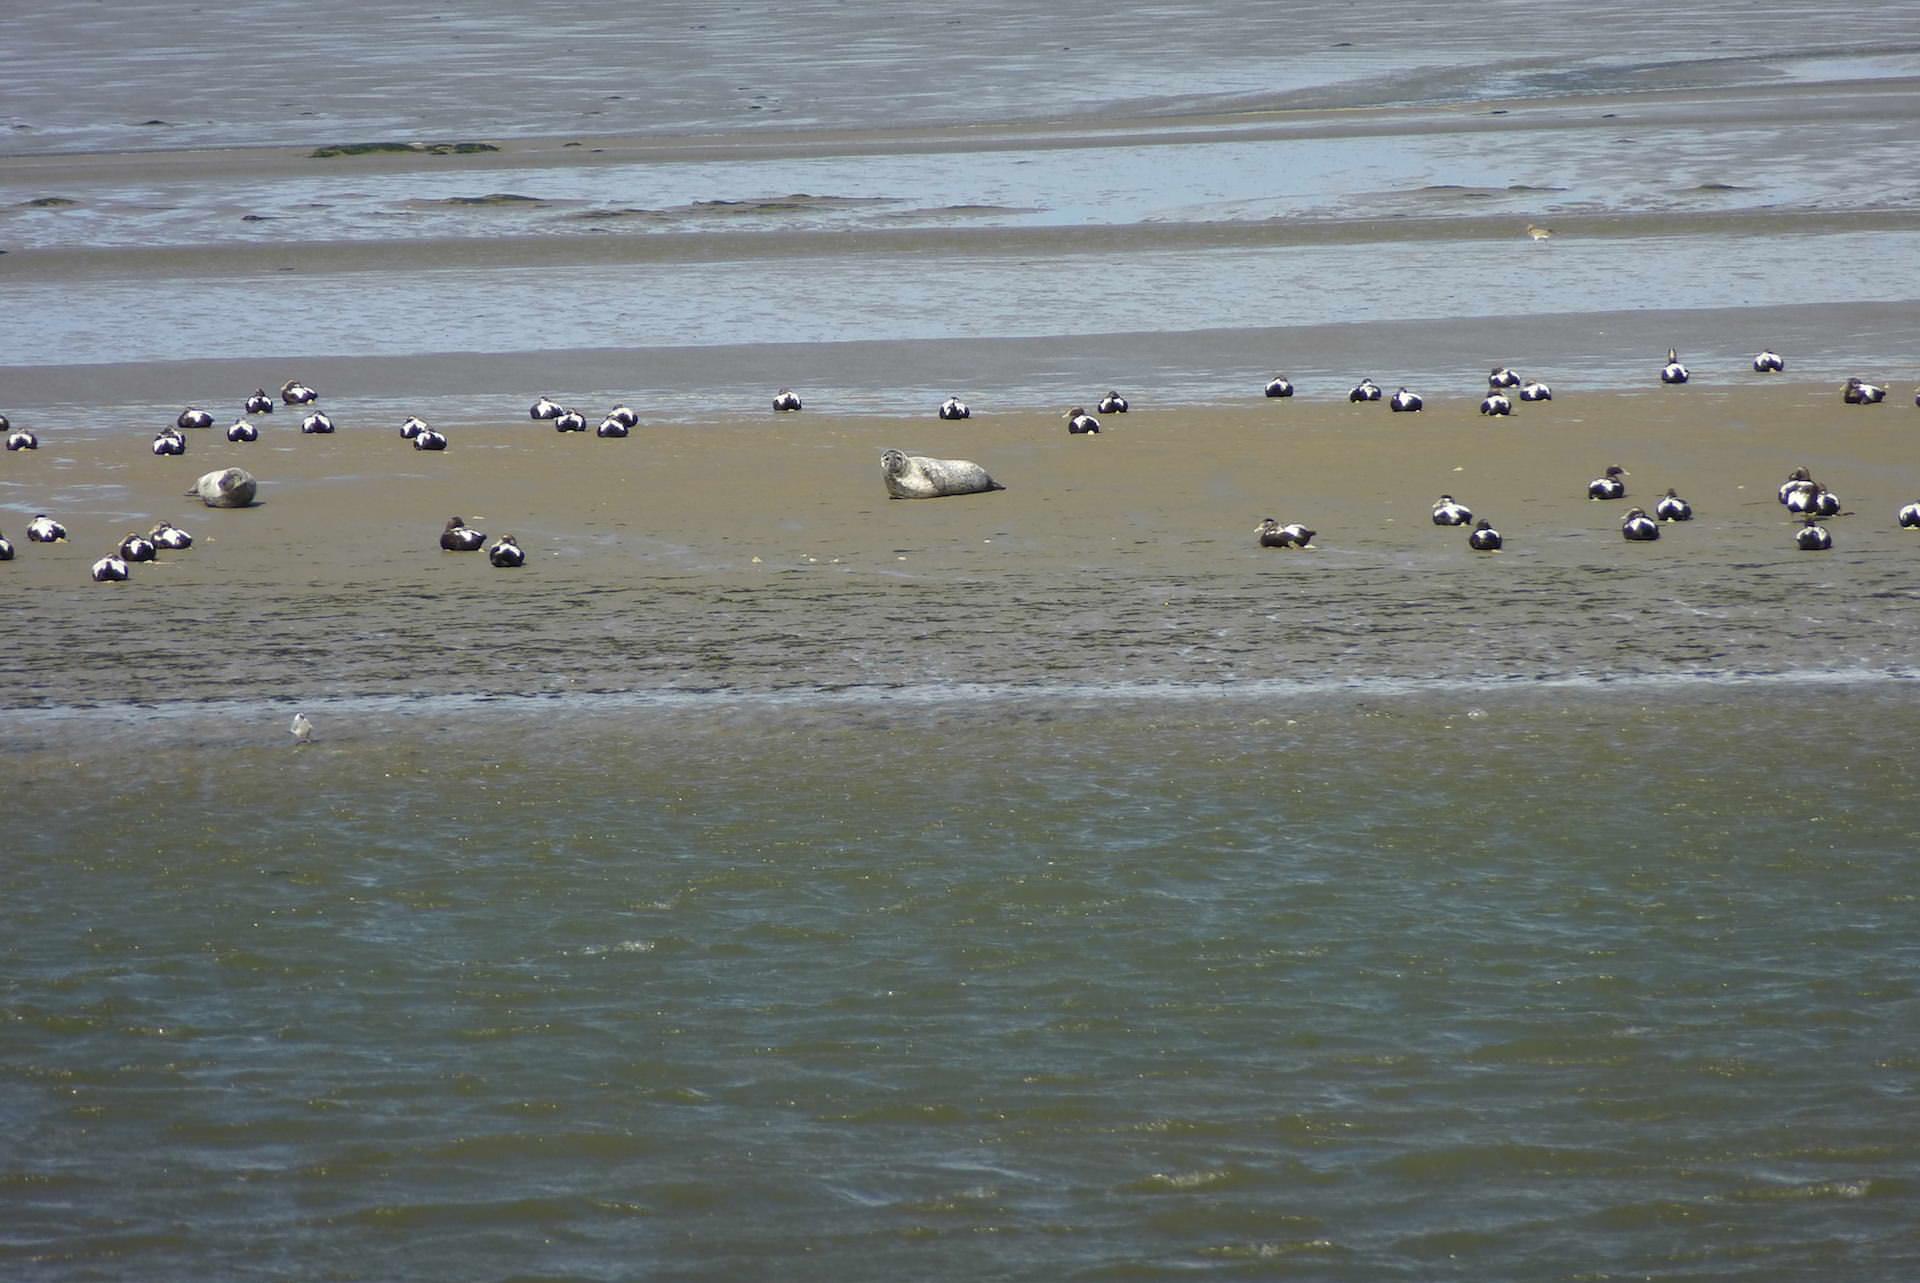 Sandbank mit Robben und Möwen an der Nordseeinsel Pellworm